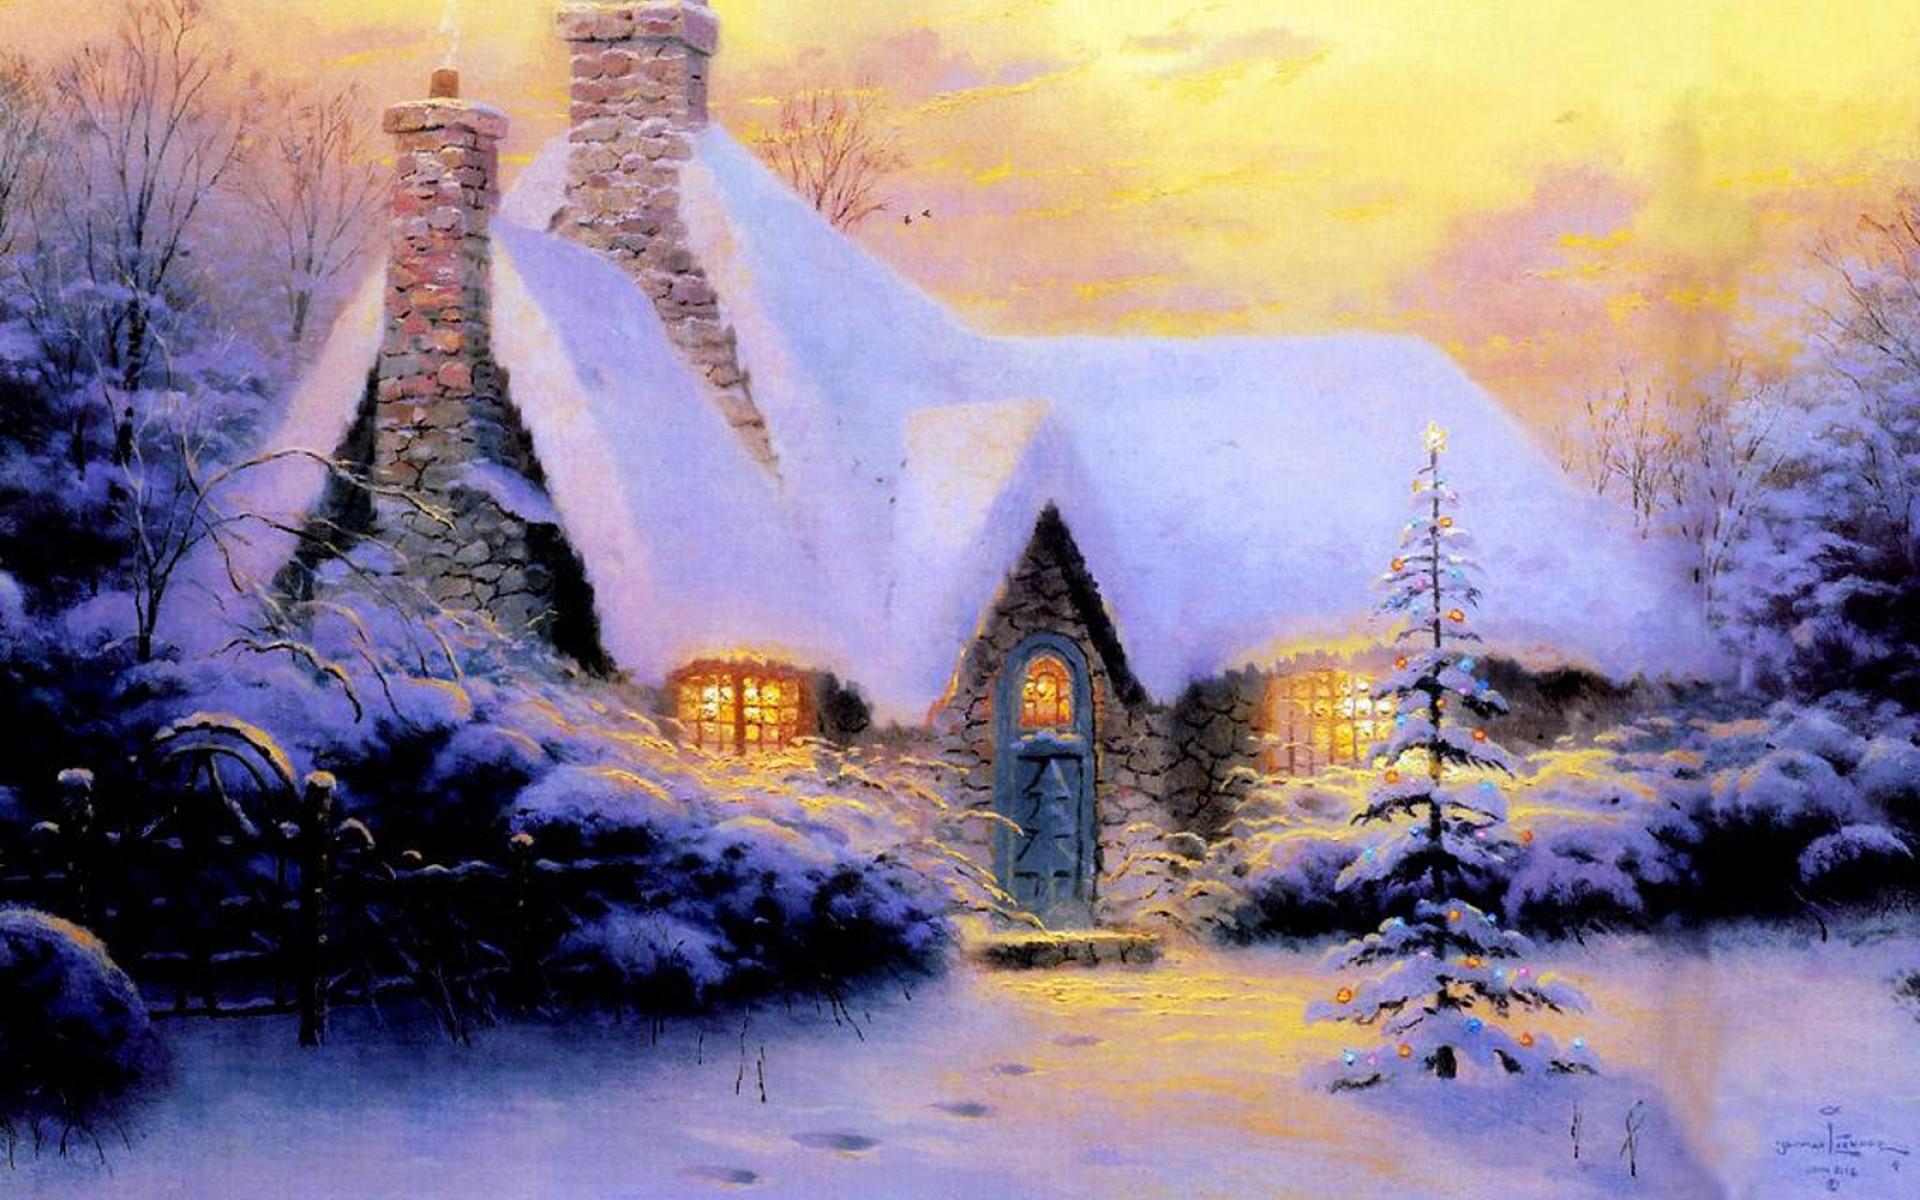 Картинки Рождество, новый год, дом, елка, снег, зима, свет, камень фото и обои на рабочий стол